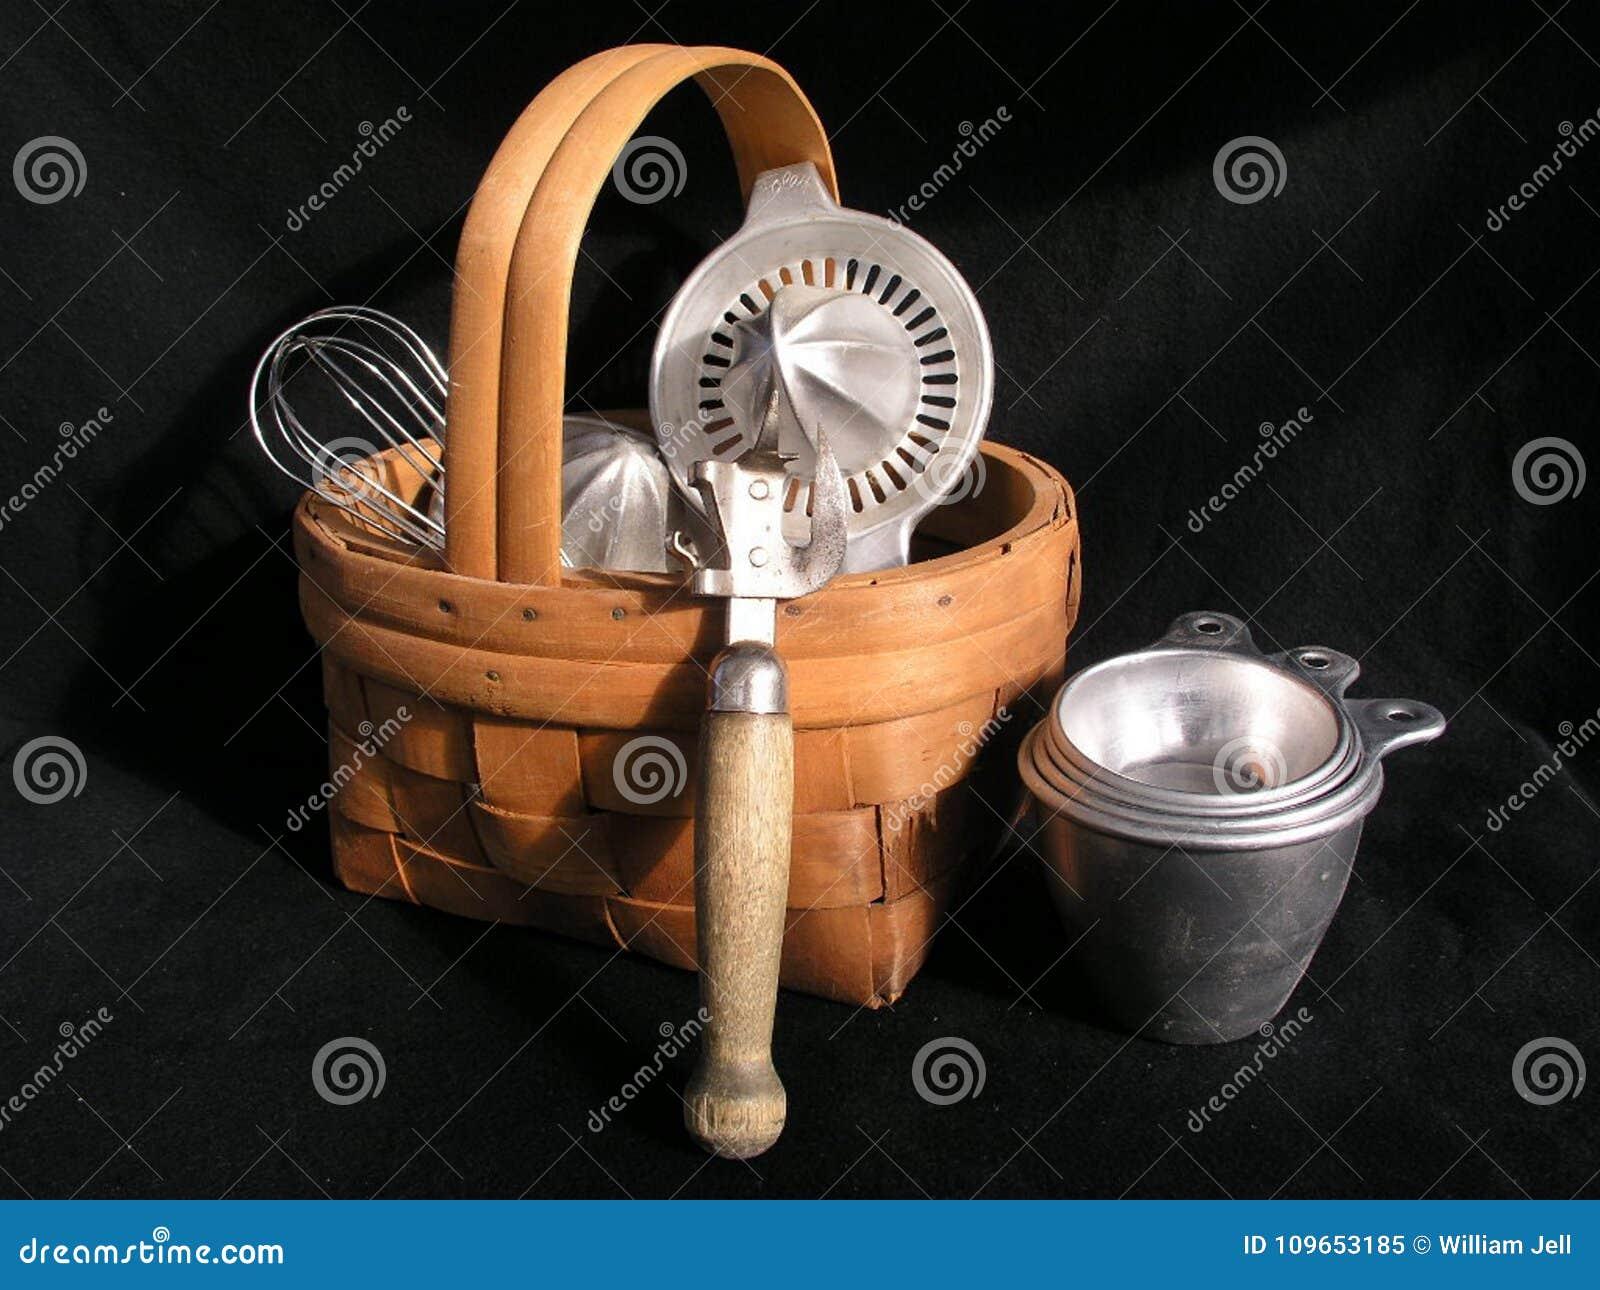 Still Life of Retro Kitchen Utensils in Wicker Basket